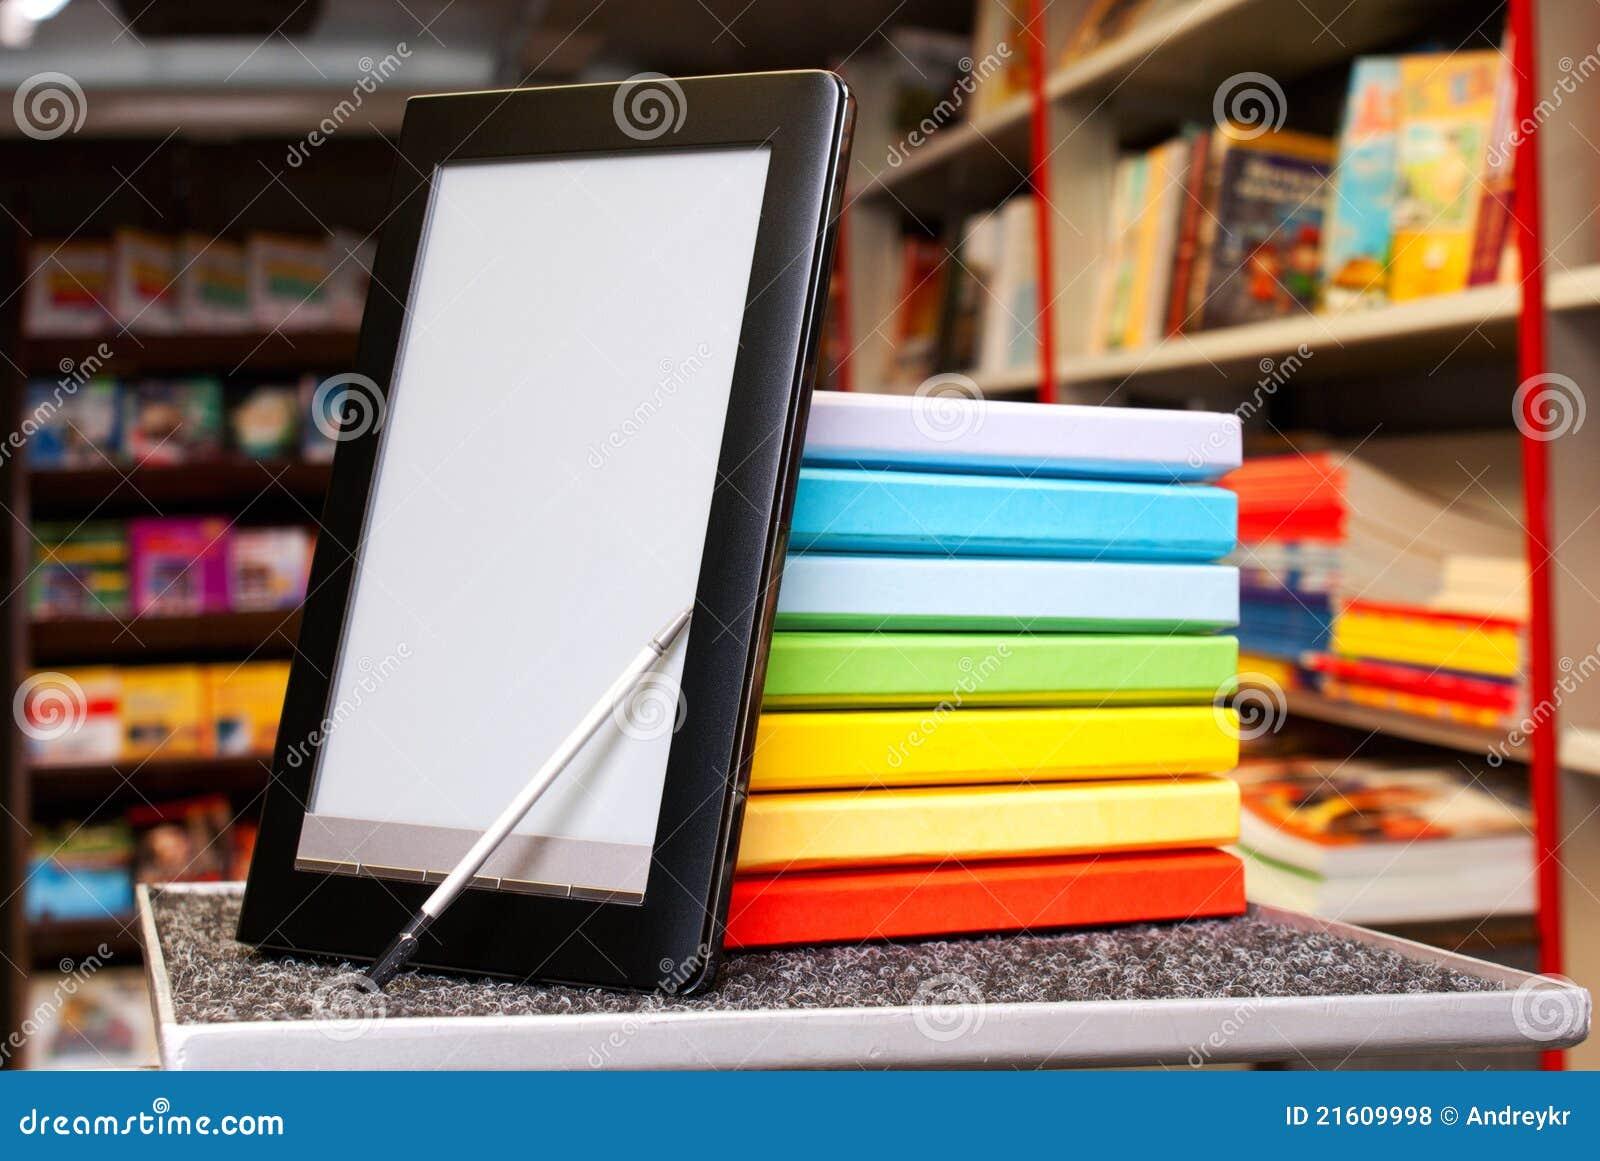 Stapel bunte Bücher mit Ebuch Leser